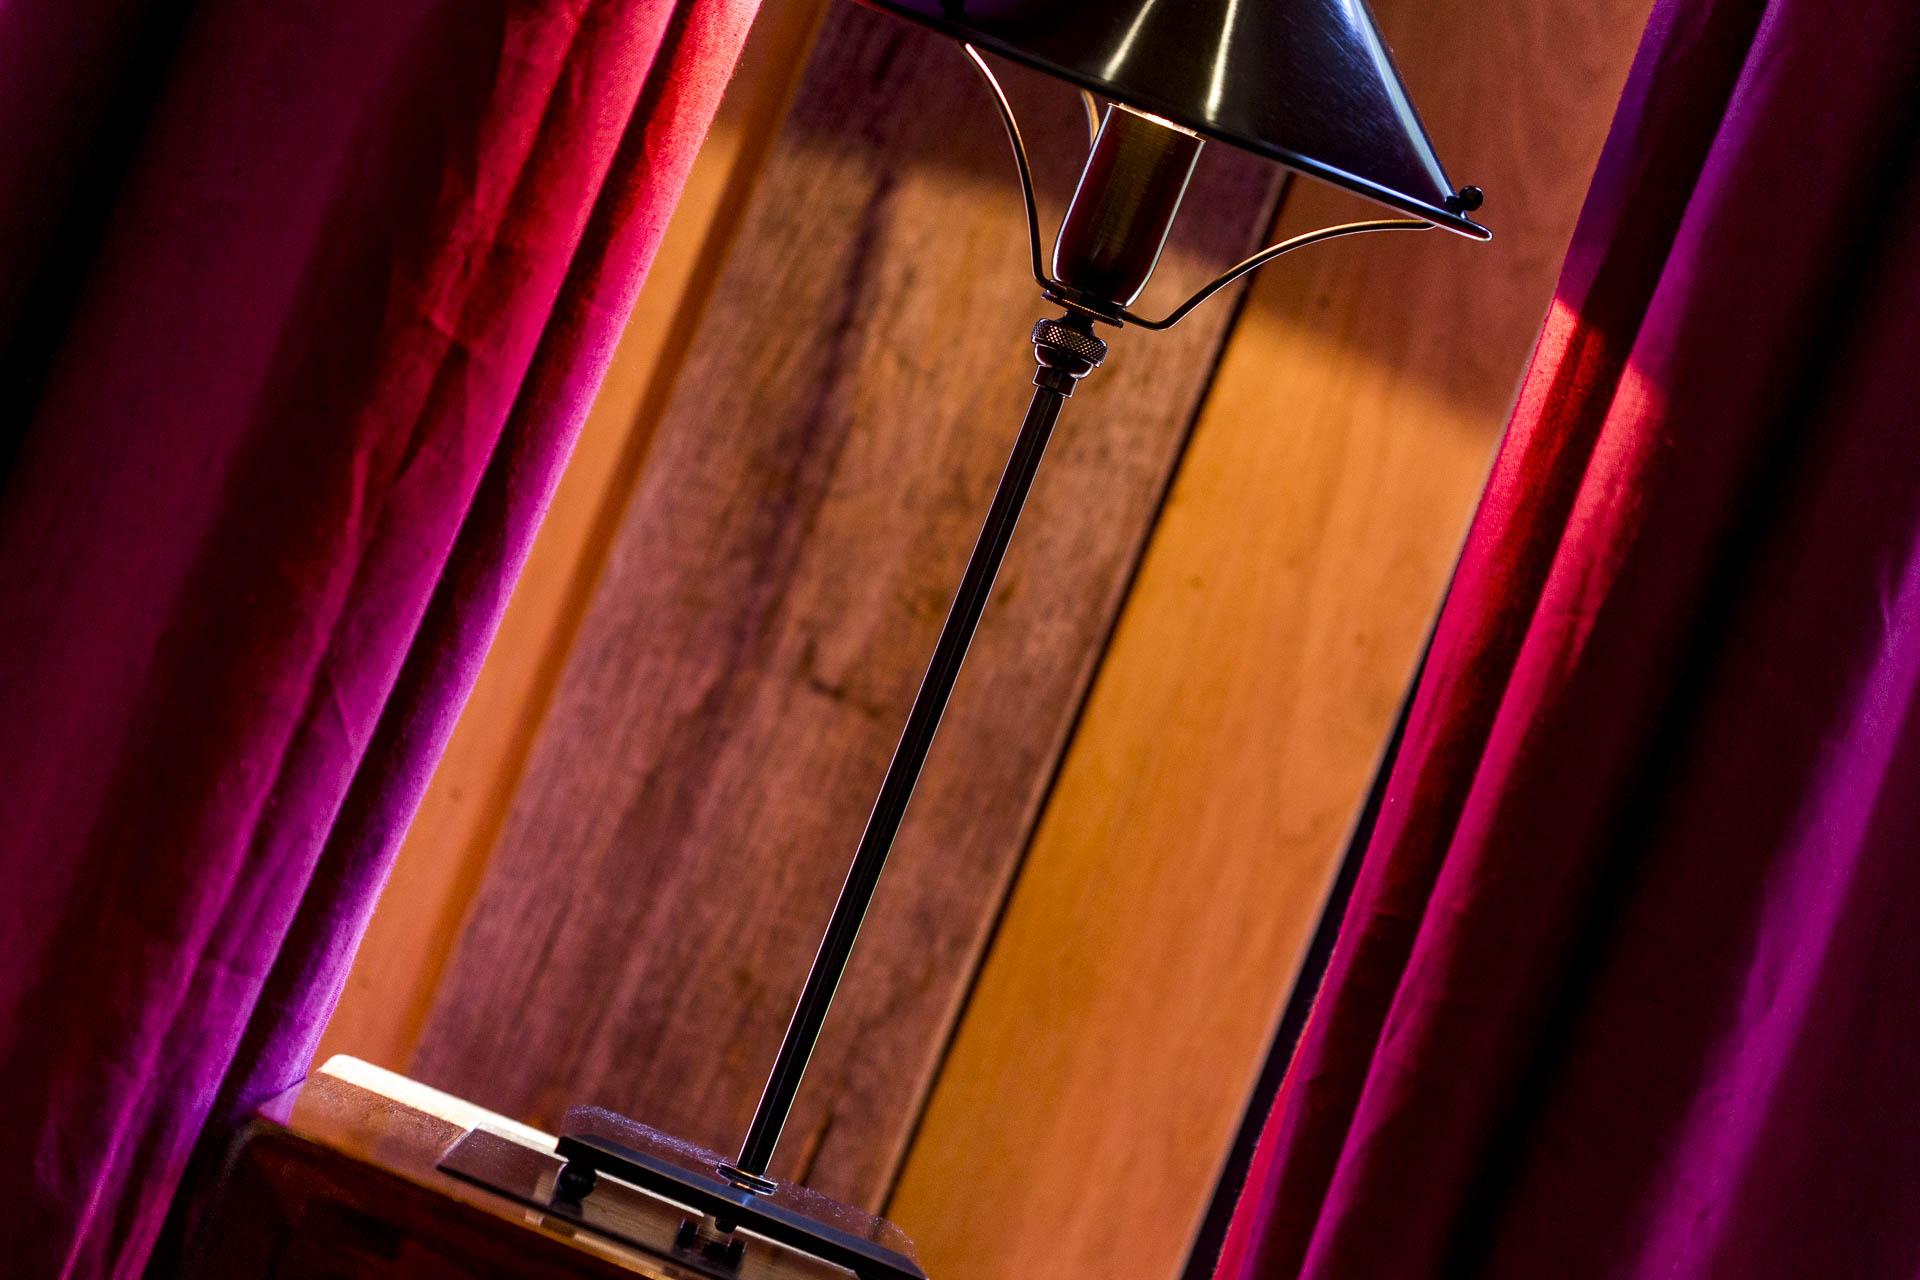 interior_life_design©stephaneleroy-E61R3121.jpg